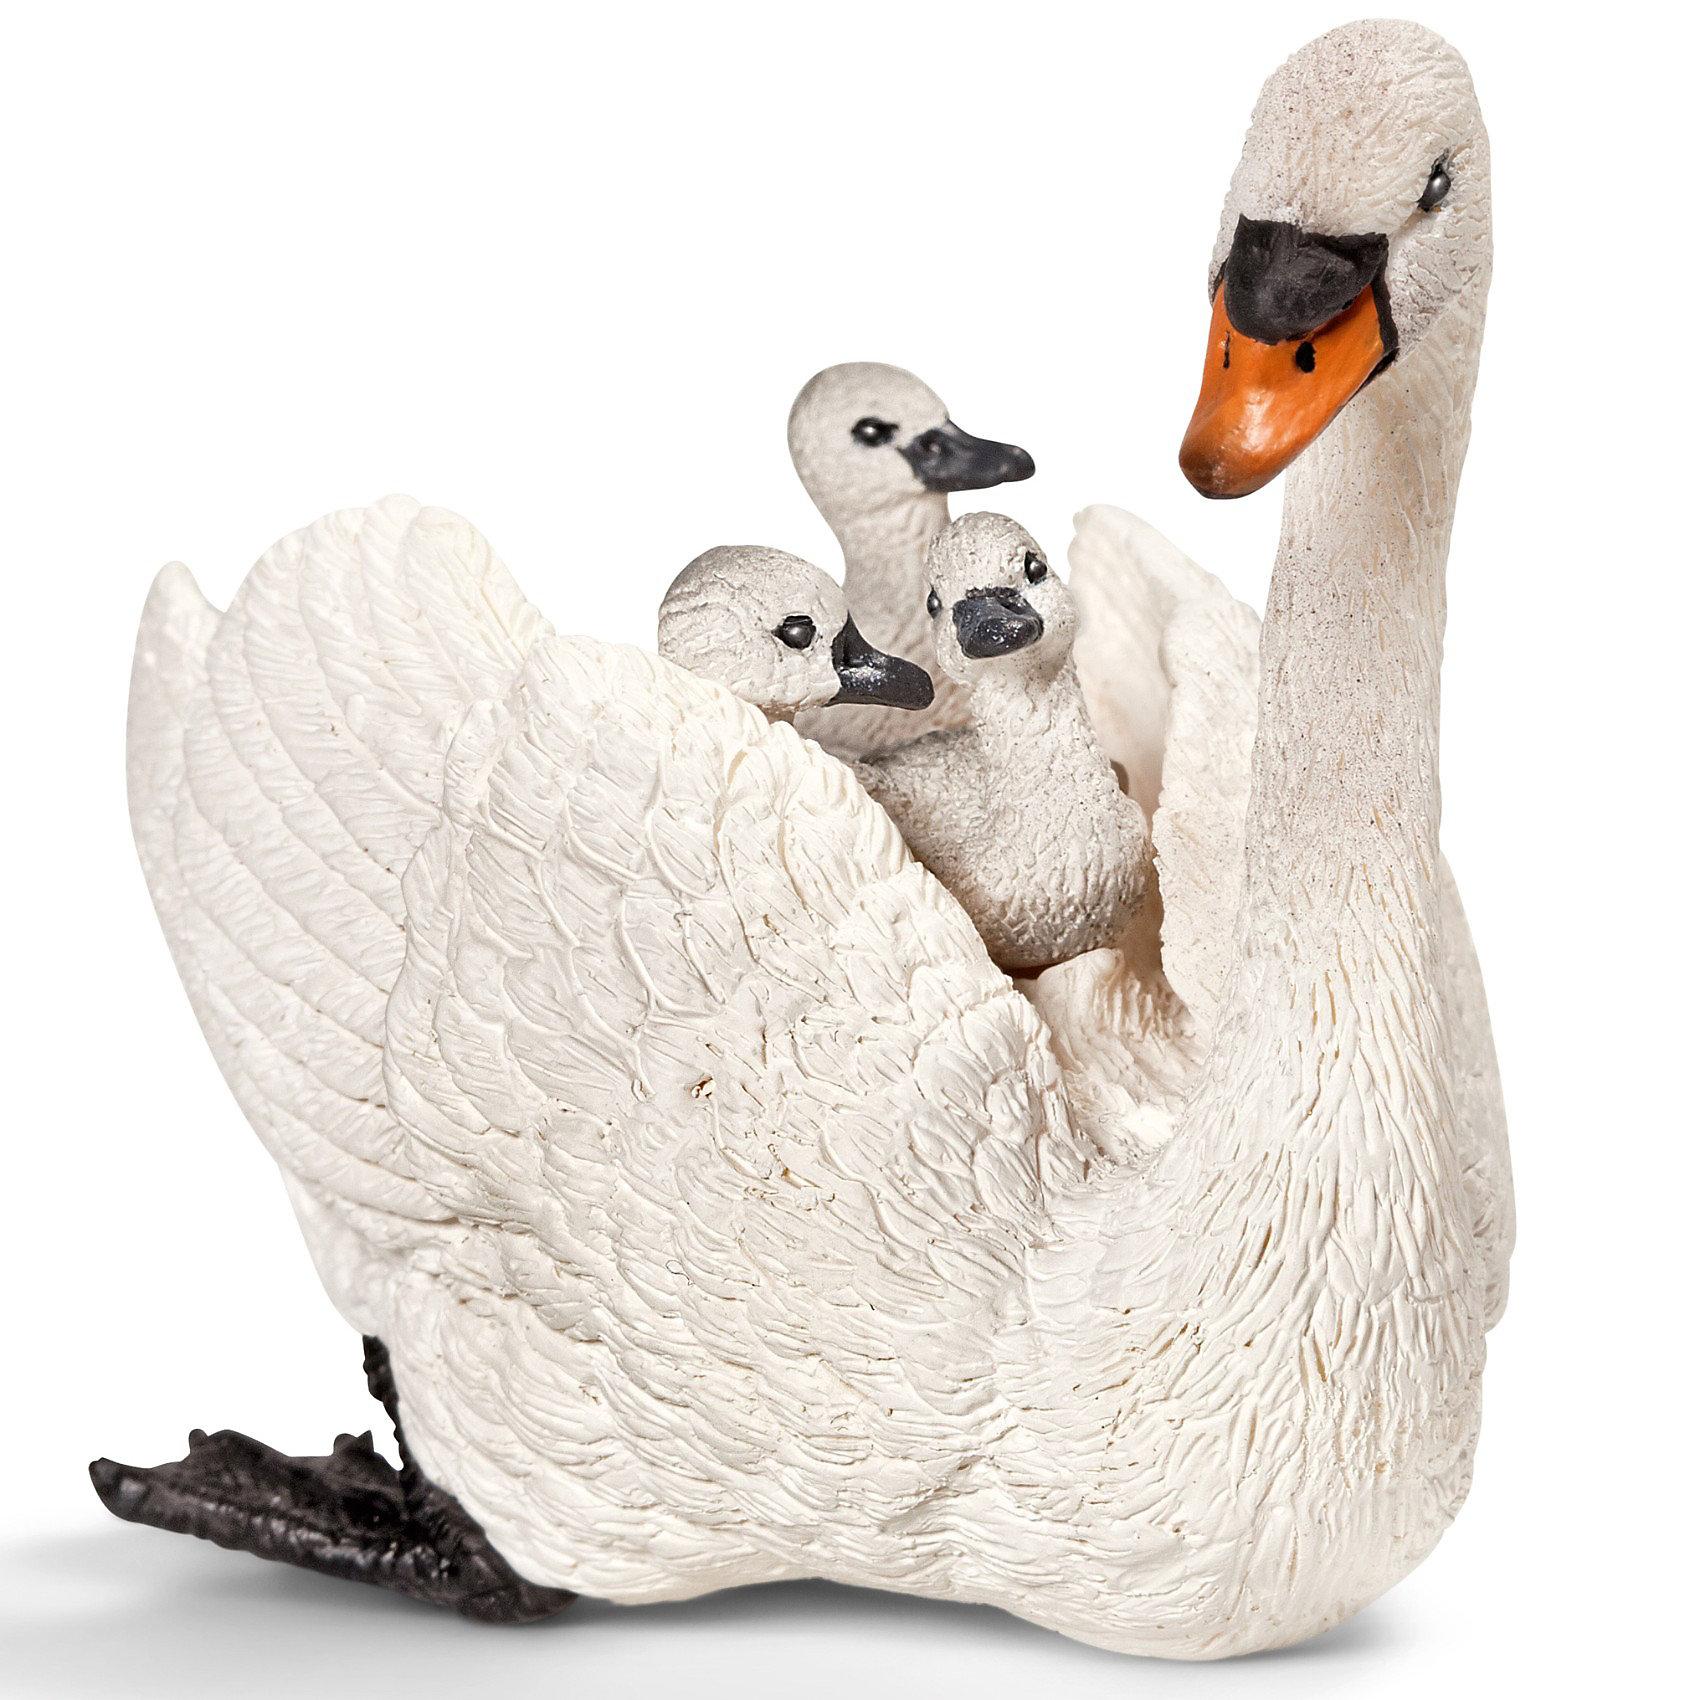 Schleich Schleich Белый лебедь с птенцами. Серия Домашние животные schleich schleich кенгуру серия дикие животные